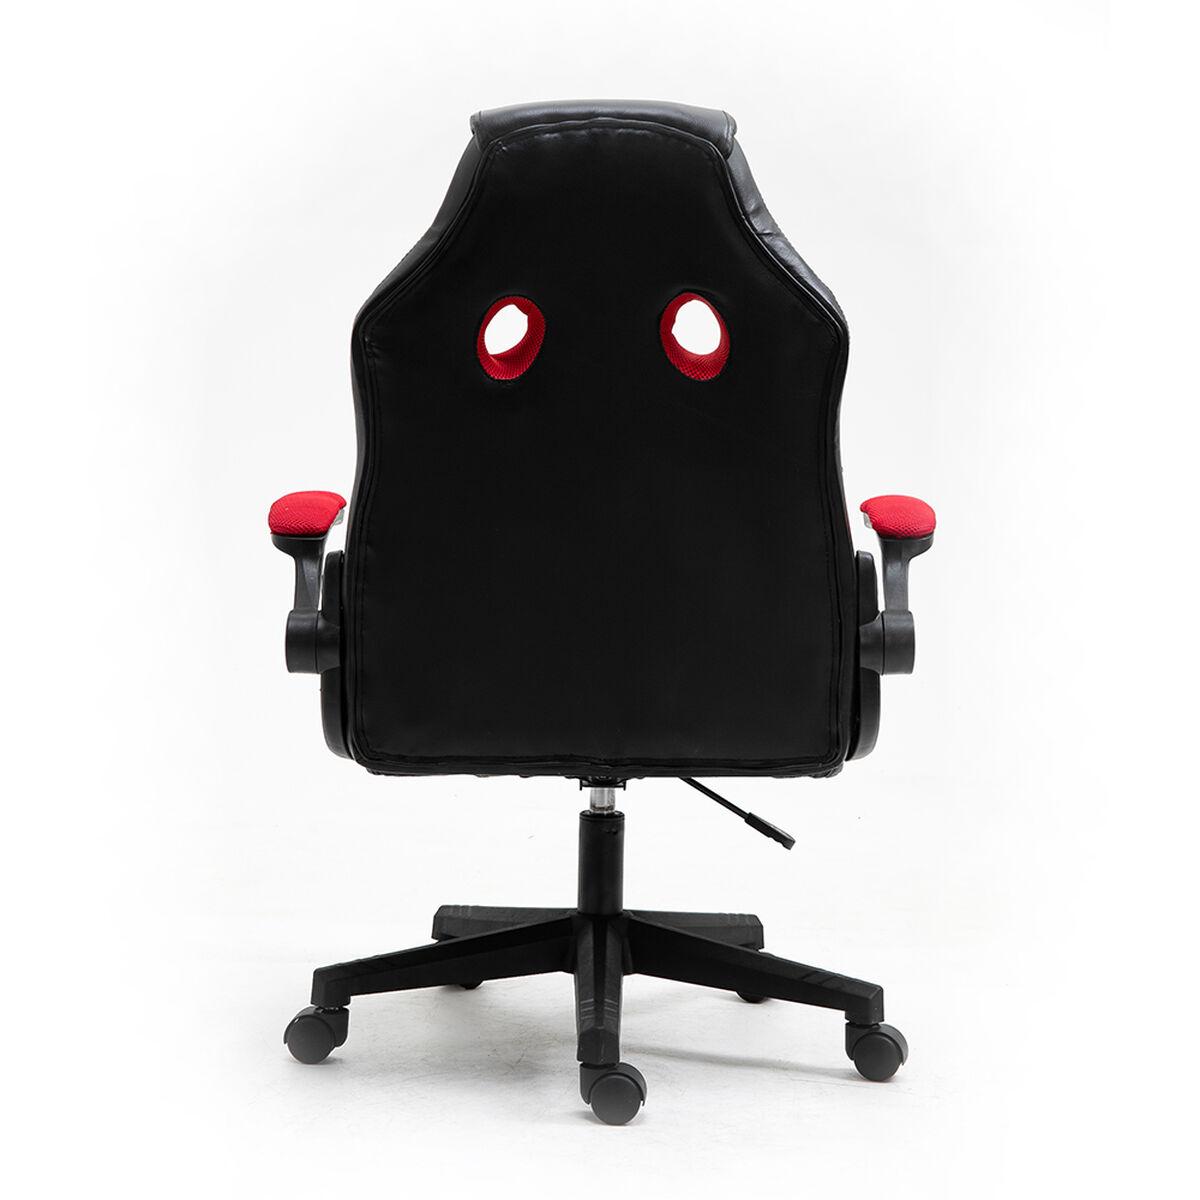 Silla Gamer Lvl Up LU778 Medium Rojo Negro